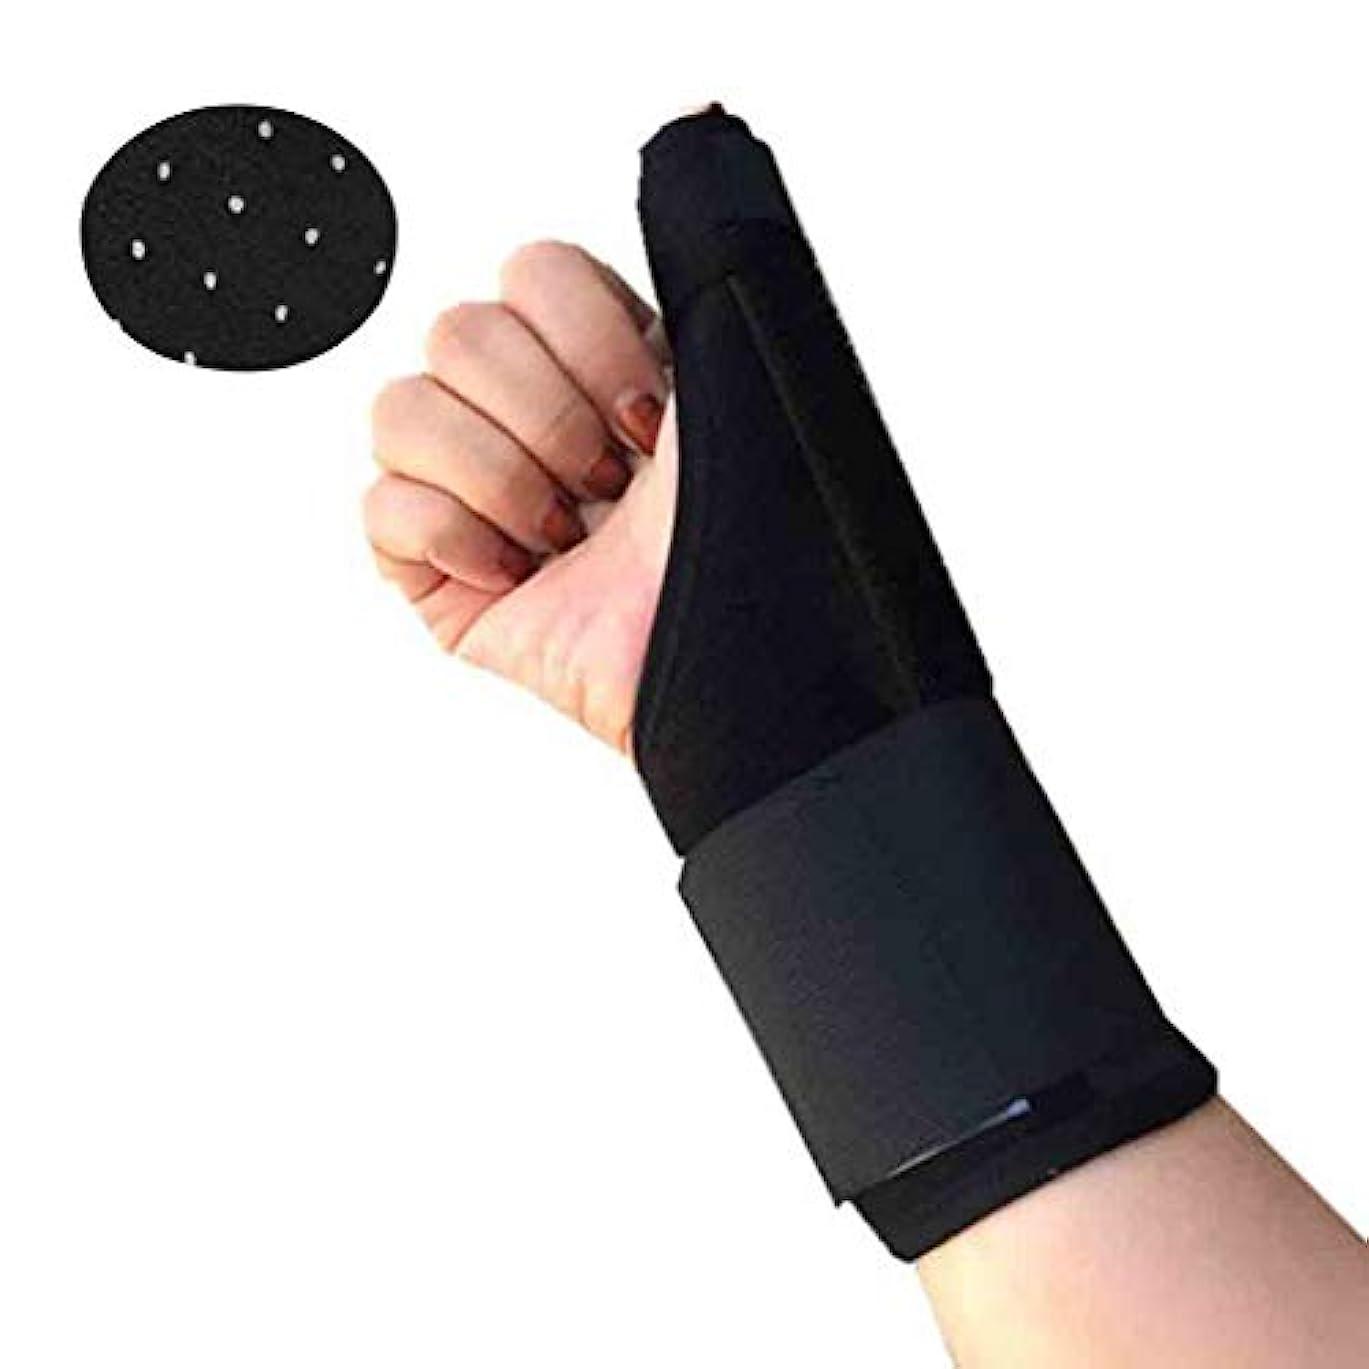 ペンダント免除する検索エンジン最適化関節炎のThumbスプリントは、手根管トンネルのThumb関節Thumbブレースを固定する手首の痛みの救済は、右手と左手の両方にフィット Roscloud@